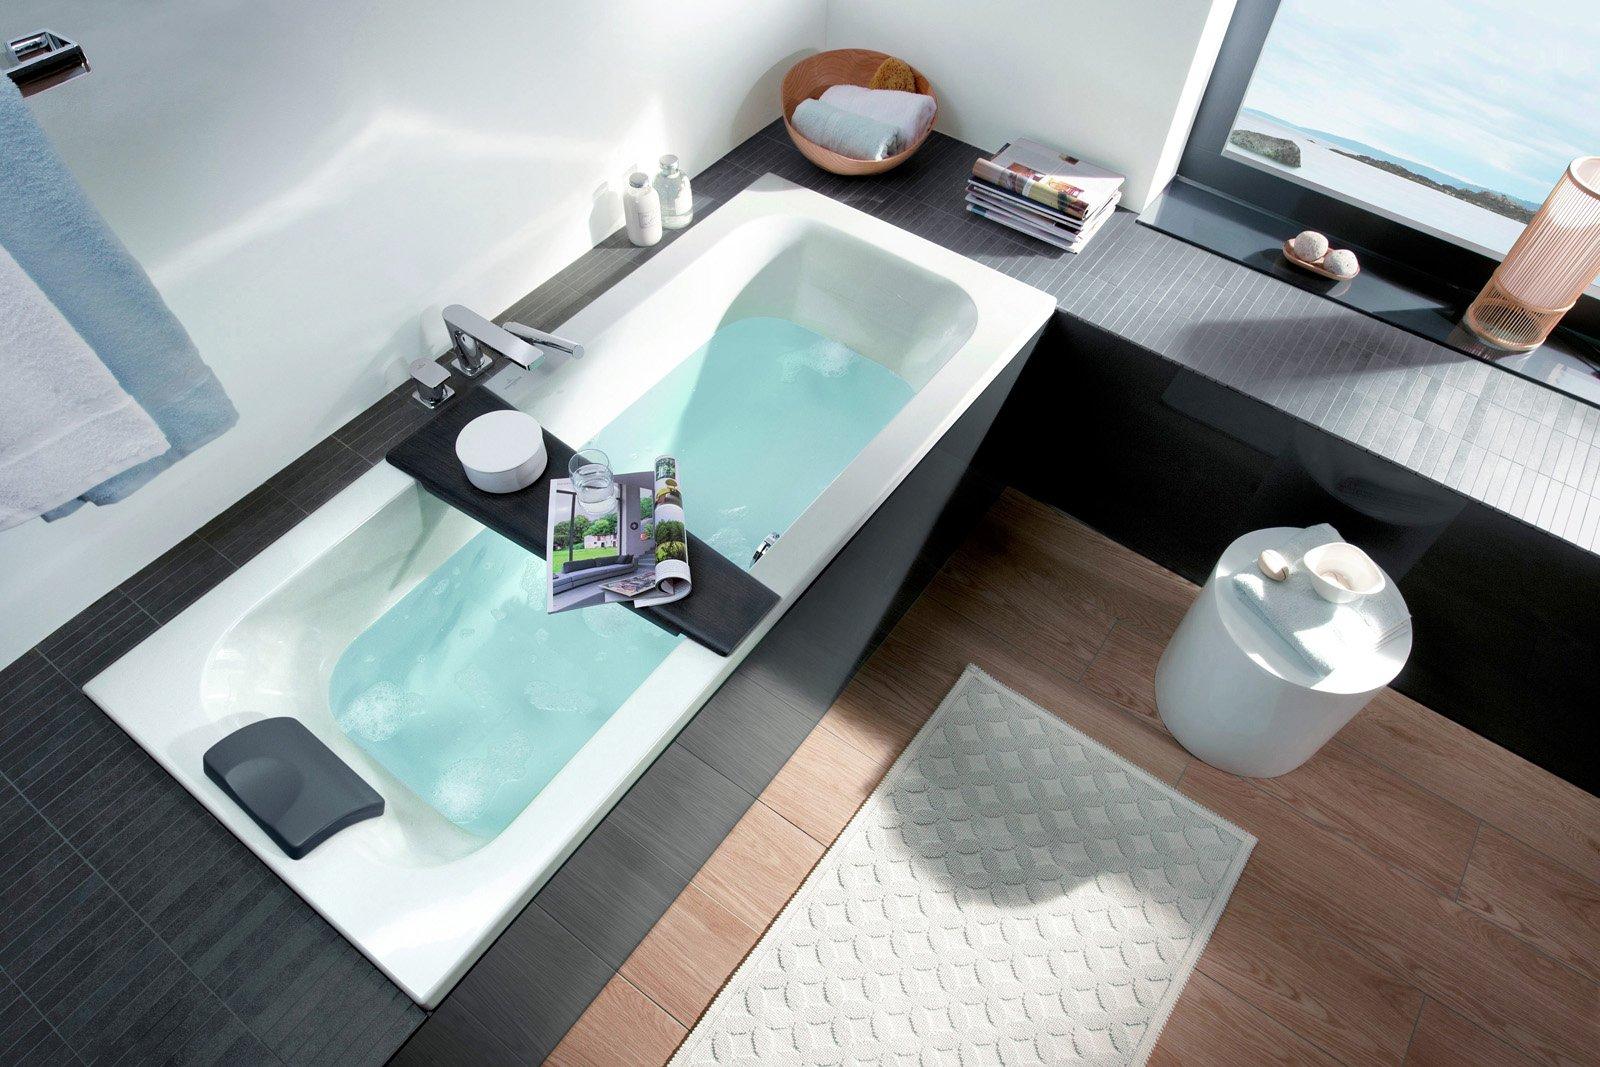 La vasca per valorizzare il bagno cose di casa for Vasca incasso